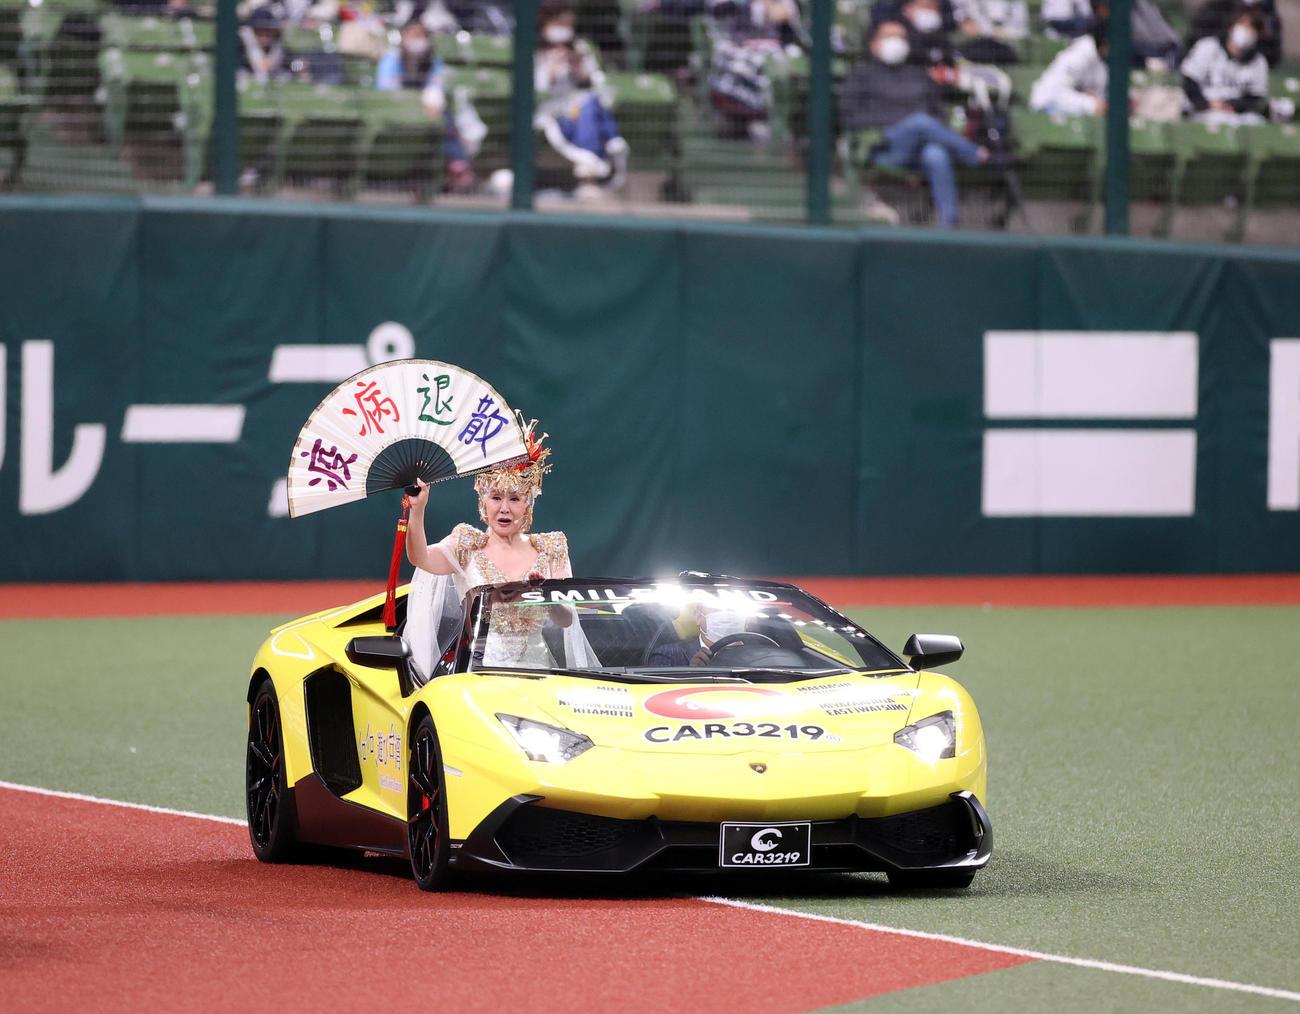 西武対オリックス セレモニアルピッチで、ランボルギーニに乗り登場した小林幸子(撮影・浅見桂子)